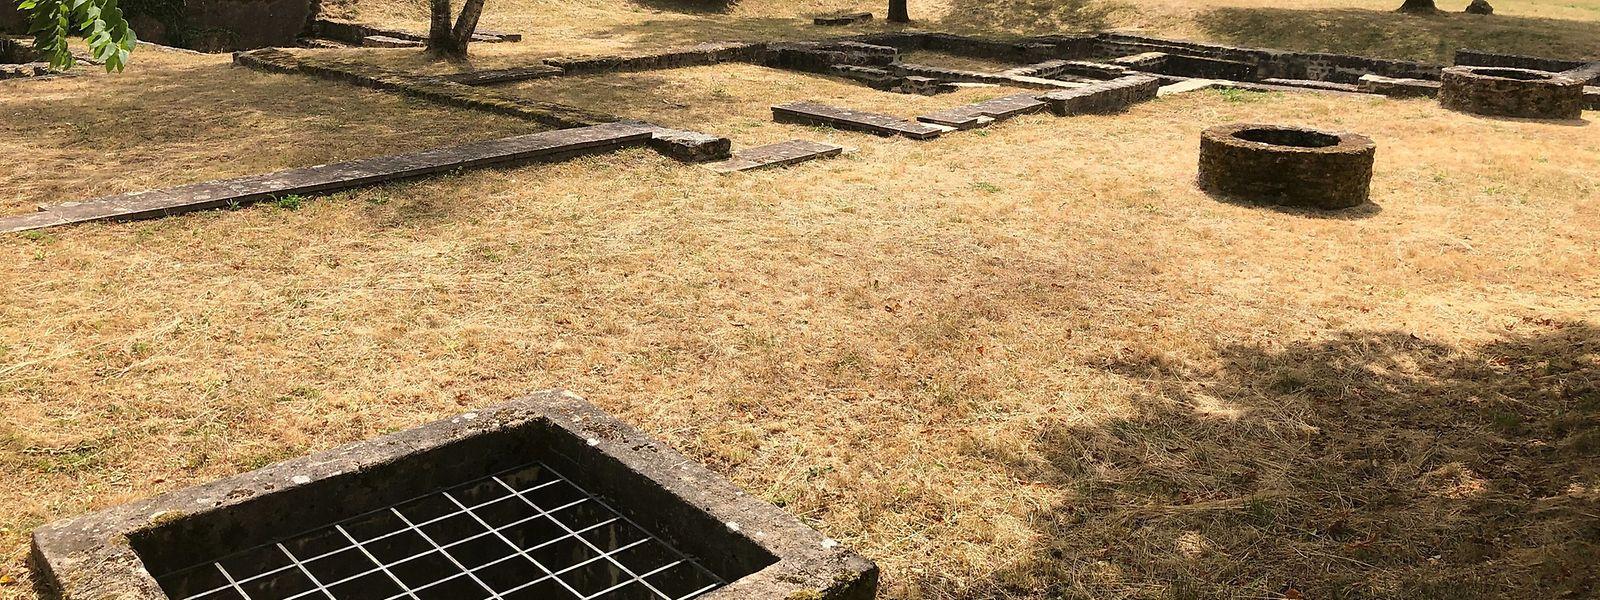 Grundrisse der Häuser und restaurierte Brunnen sind heute noch zu sehen.